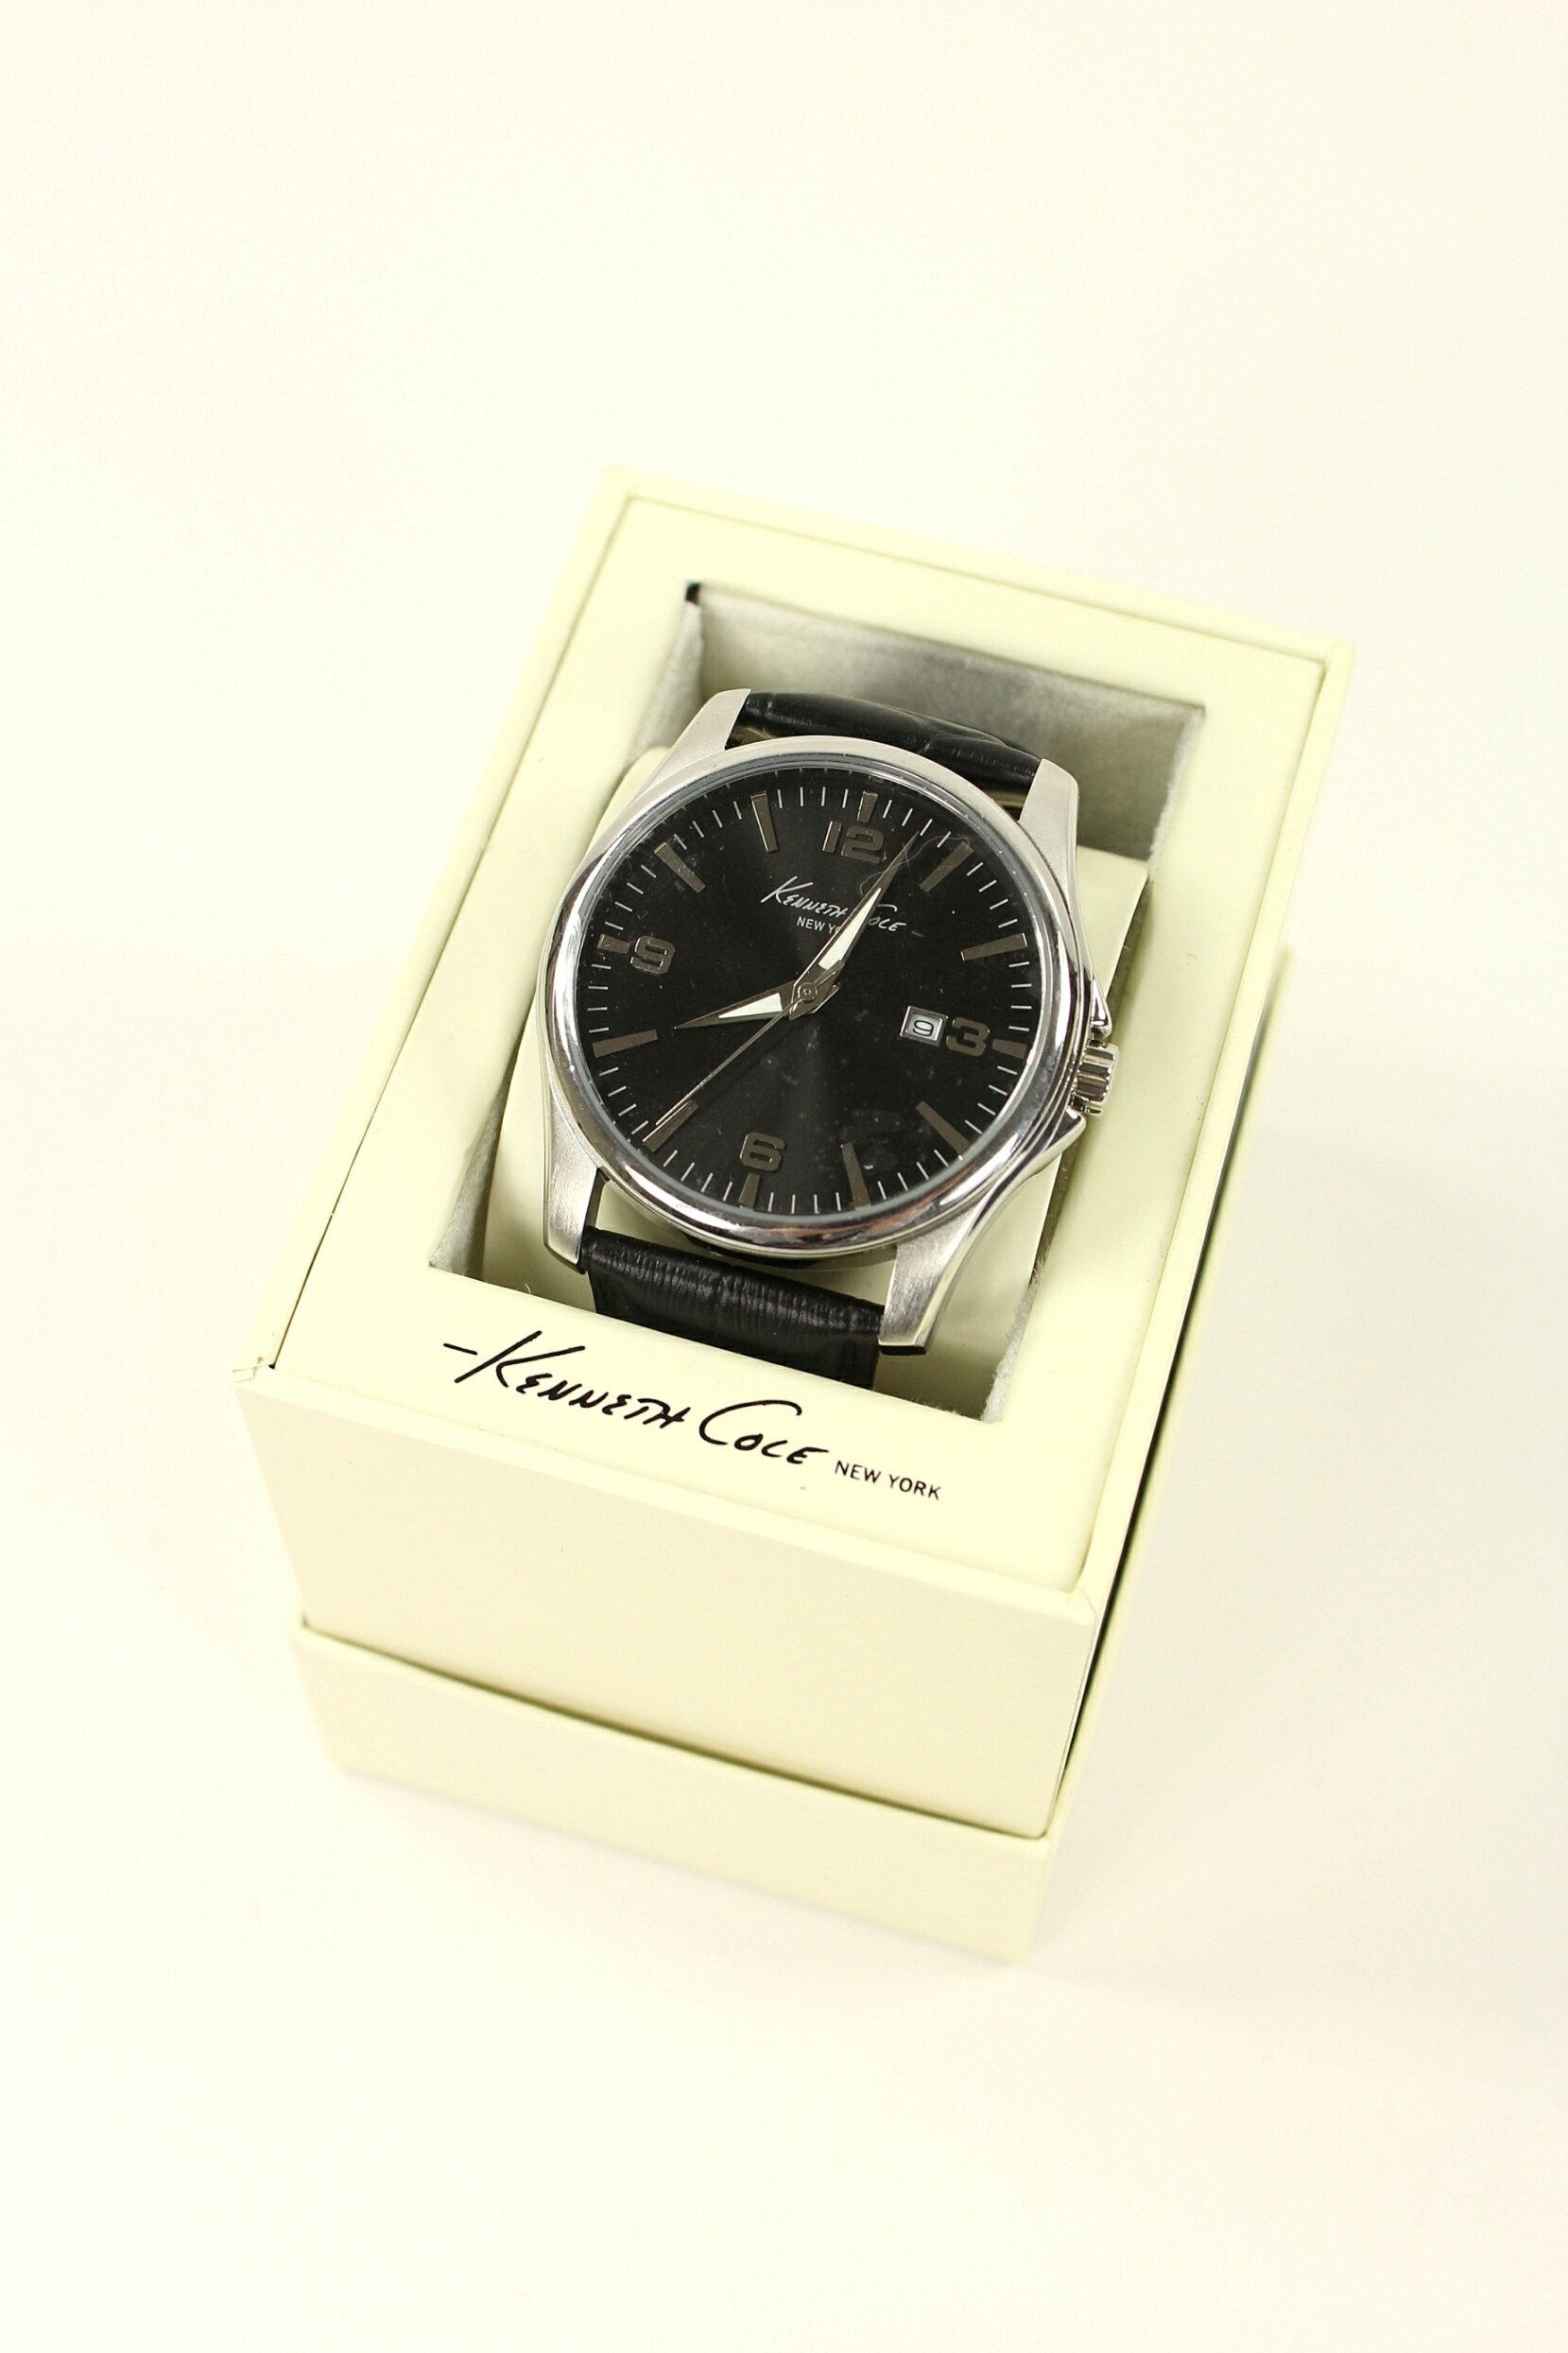 美國百分百【全新真品】Kenneth Cole 手錶 KC 配件 石英錶 真皮錶帶 黑 夜光 對錶 黑色 男 女 1864